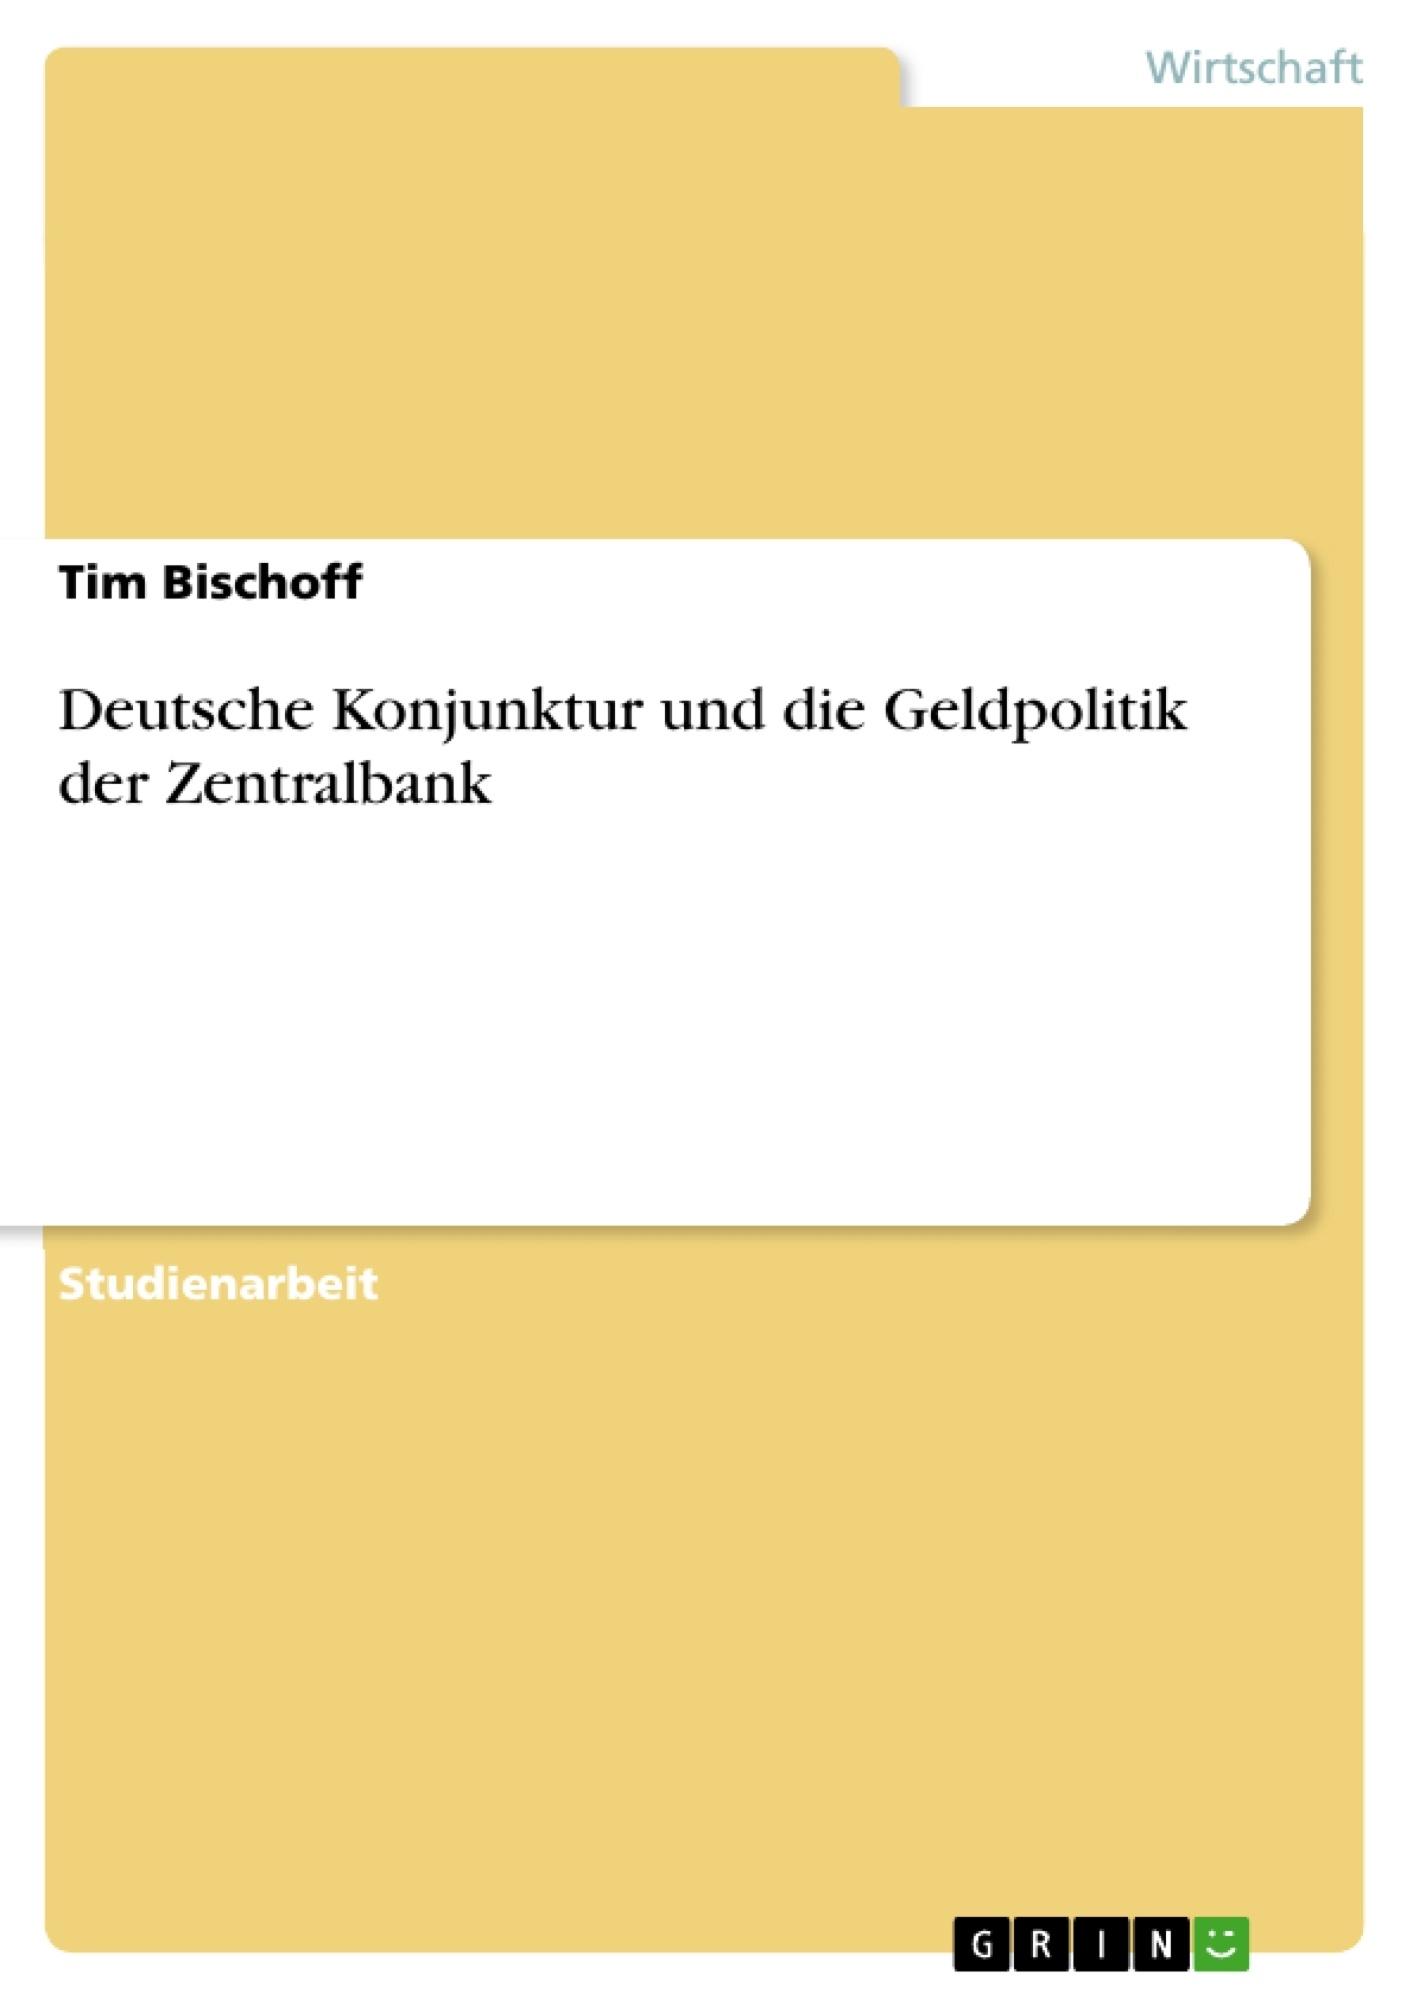 Titel: Deutsche Konjunktur und die Geldpolitik der Zentralbank